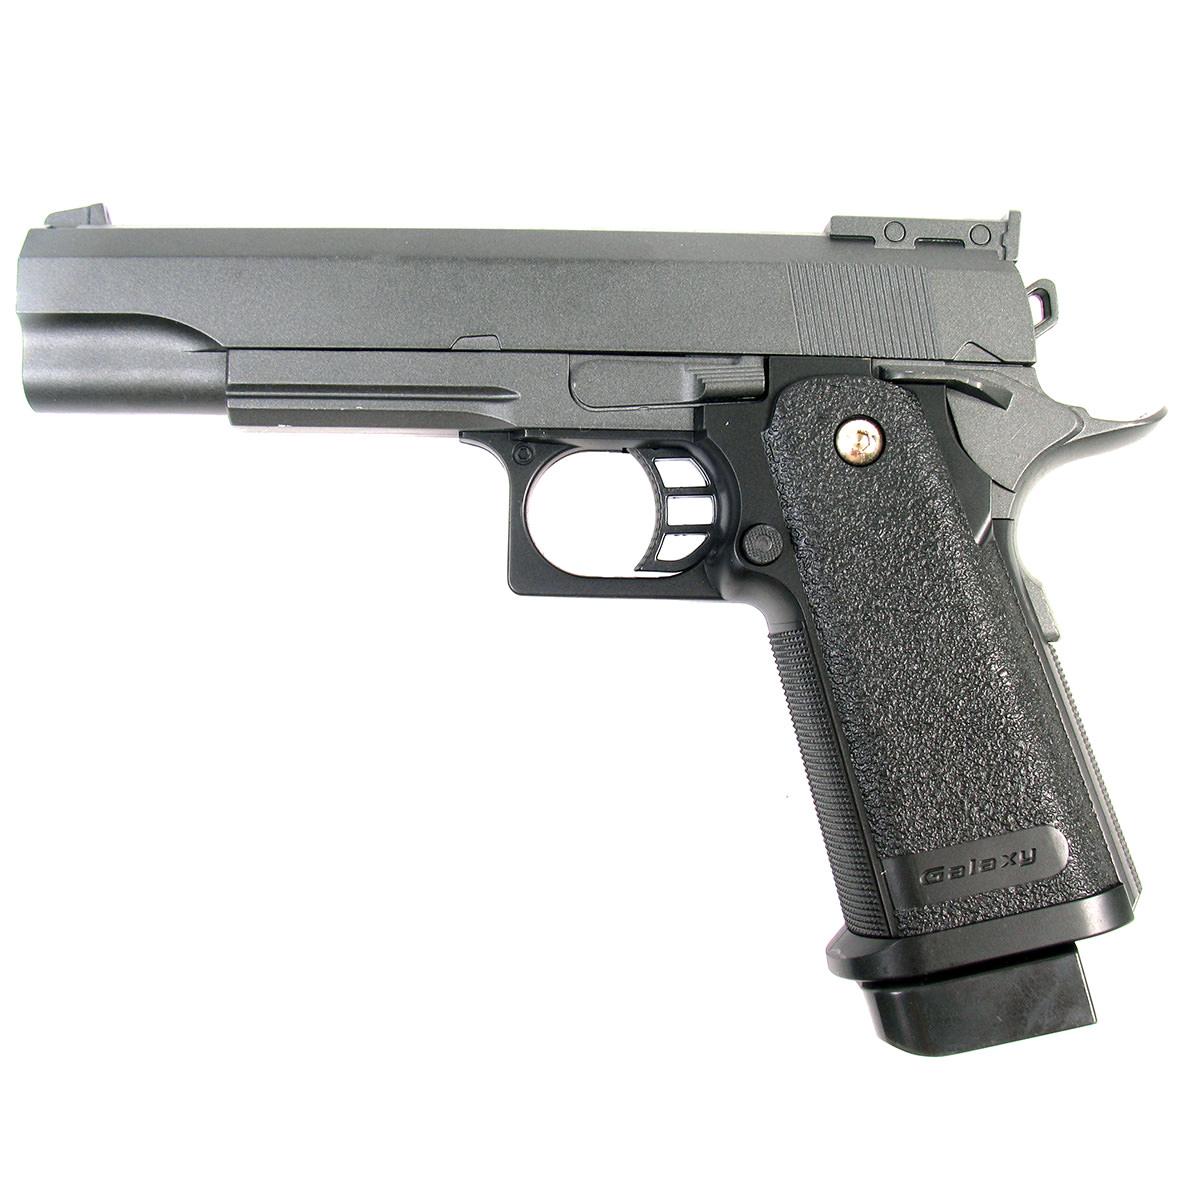 Пистолет страйкбольный Galaxy G.6, пружинный, 6 ммG.6Пружинный пистолет G.6 является репликой известного мощного пистолета Hi-Capa .45. Корпус пистолета цельнометаллический. В магазин вмещается 16 шариков BB 6 мм. Выстрел из пистолета осуществляется с помощью пружины, максимальная начальная скорость выстрела не более 50 м/с. Прицельные приспособления не регулируемые, пистолет предназначен для стрельбы на короткие дистанции.